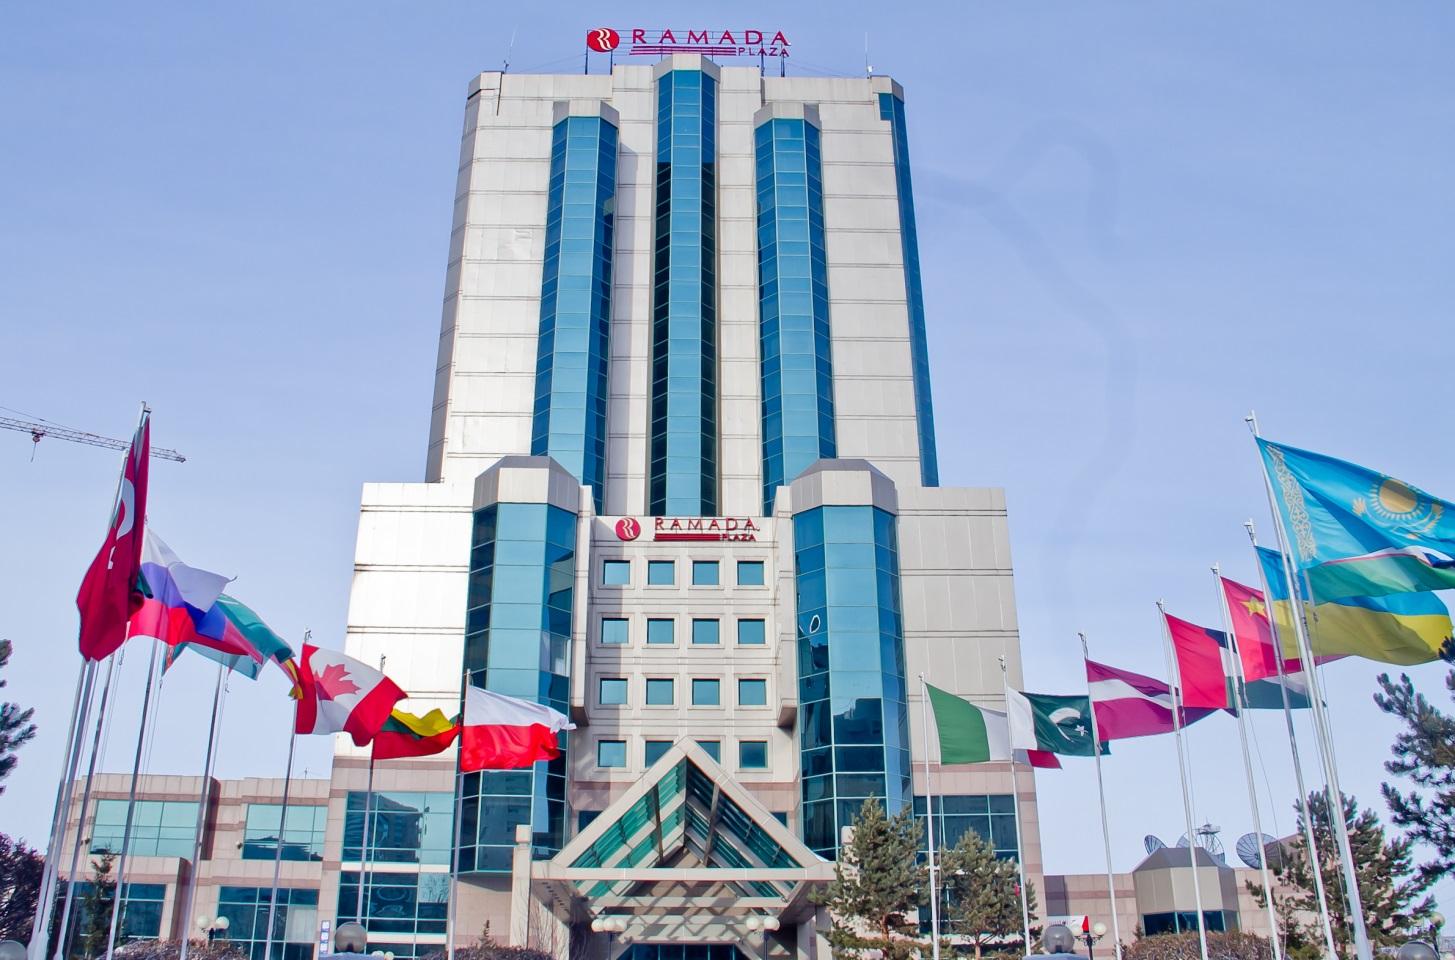 Гостиница  Рамада Плаза, в г. Астана